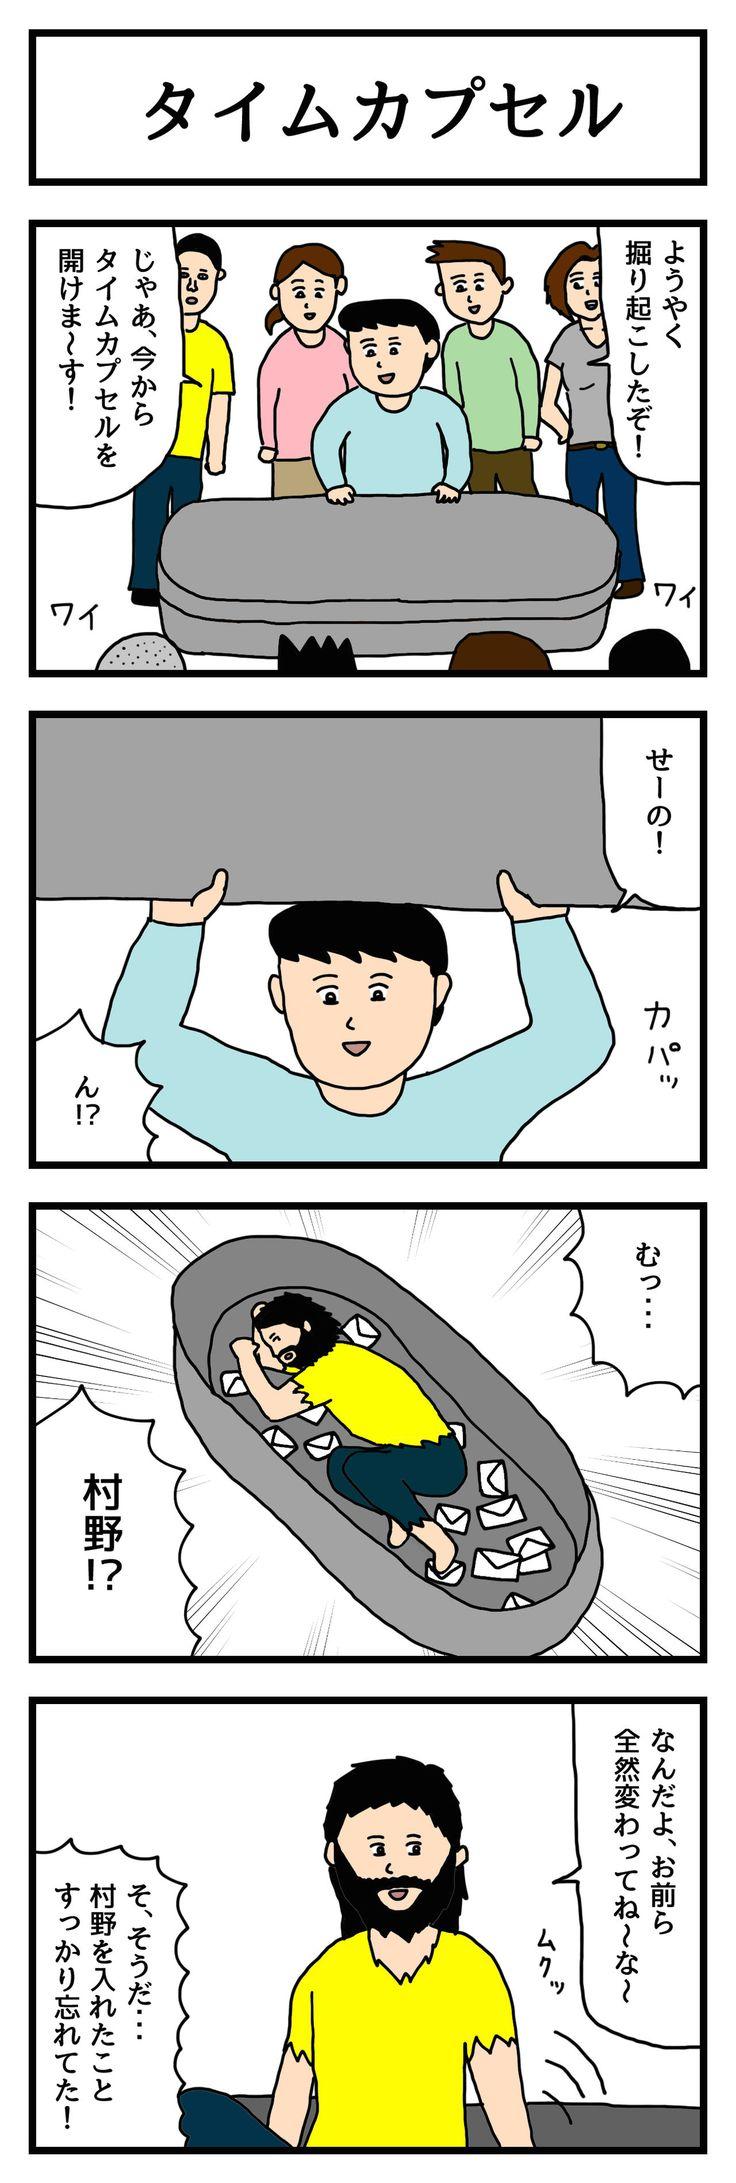 タイムカプセル